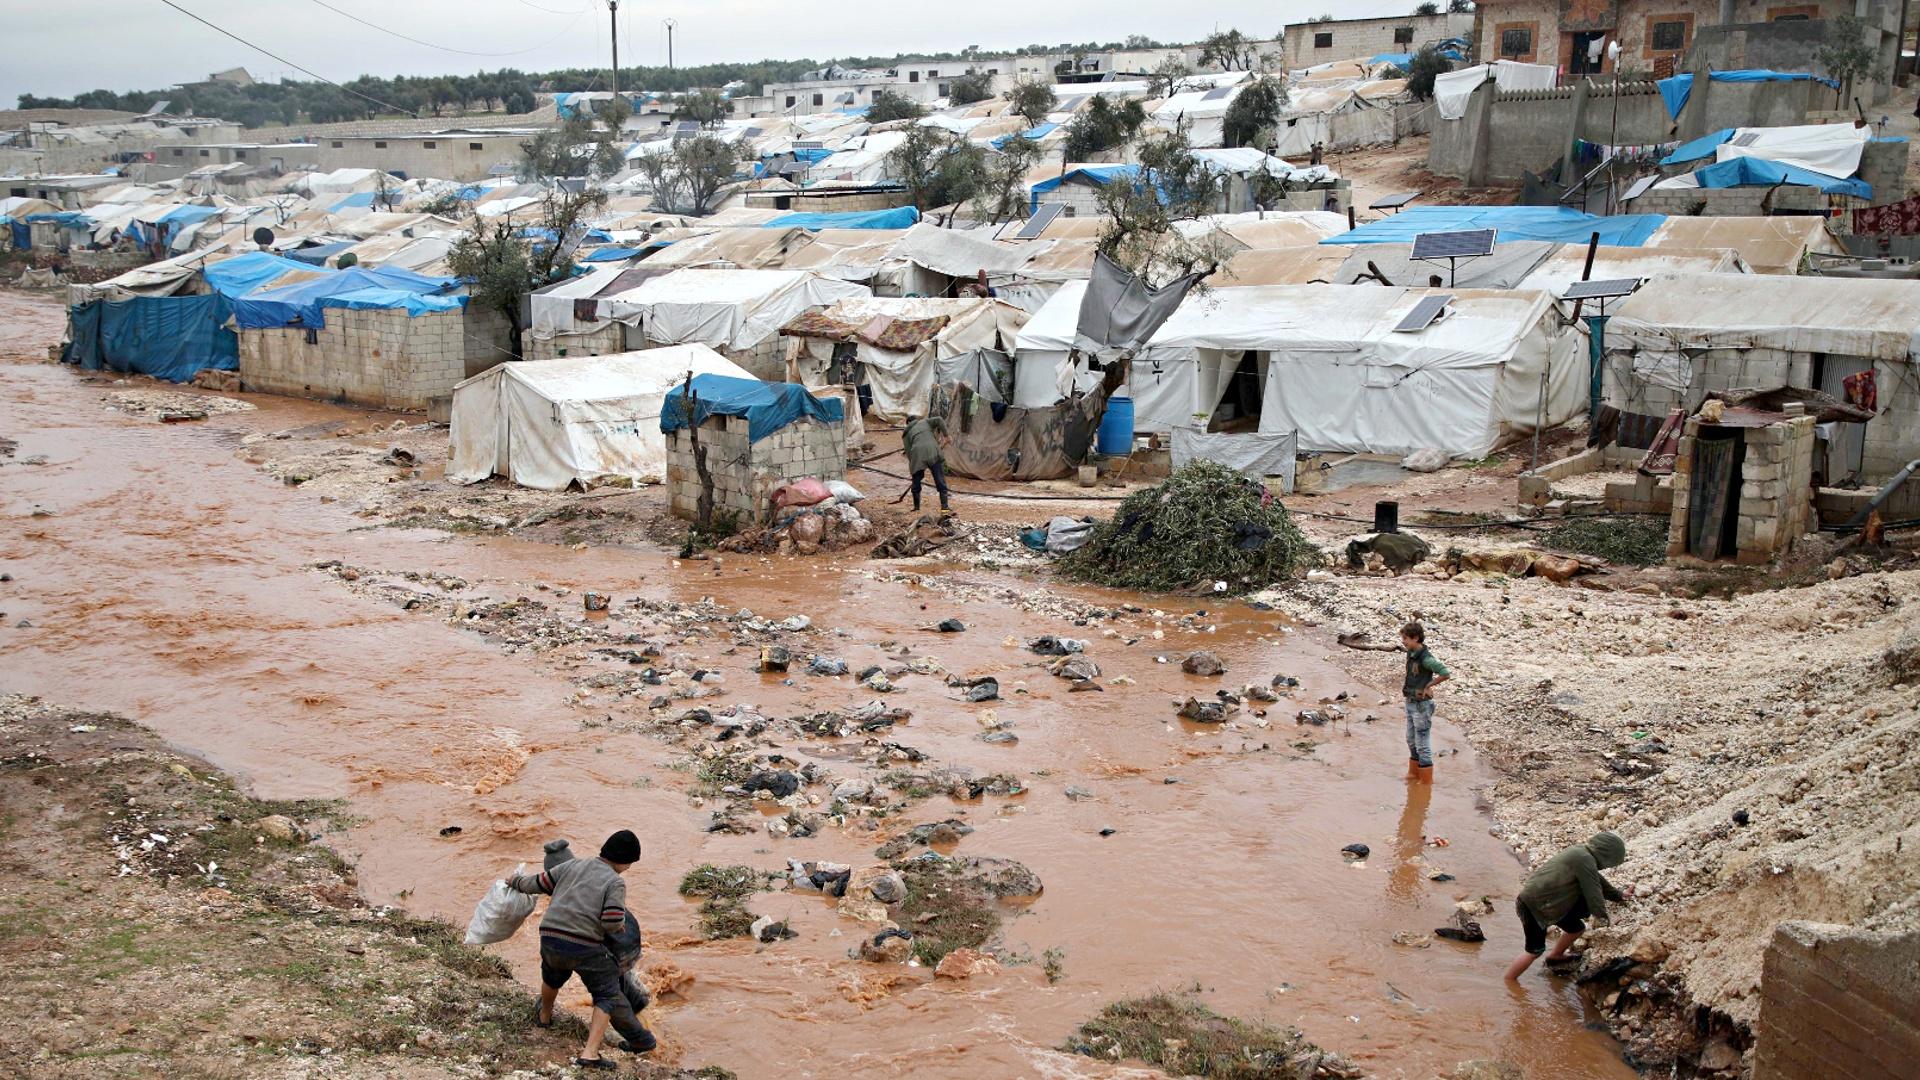 На севере Сирии ливни топят лагеря для переселенцев